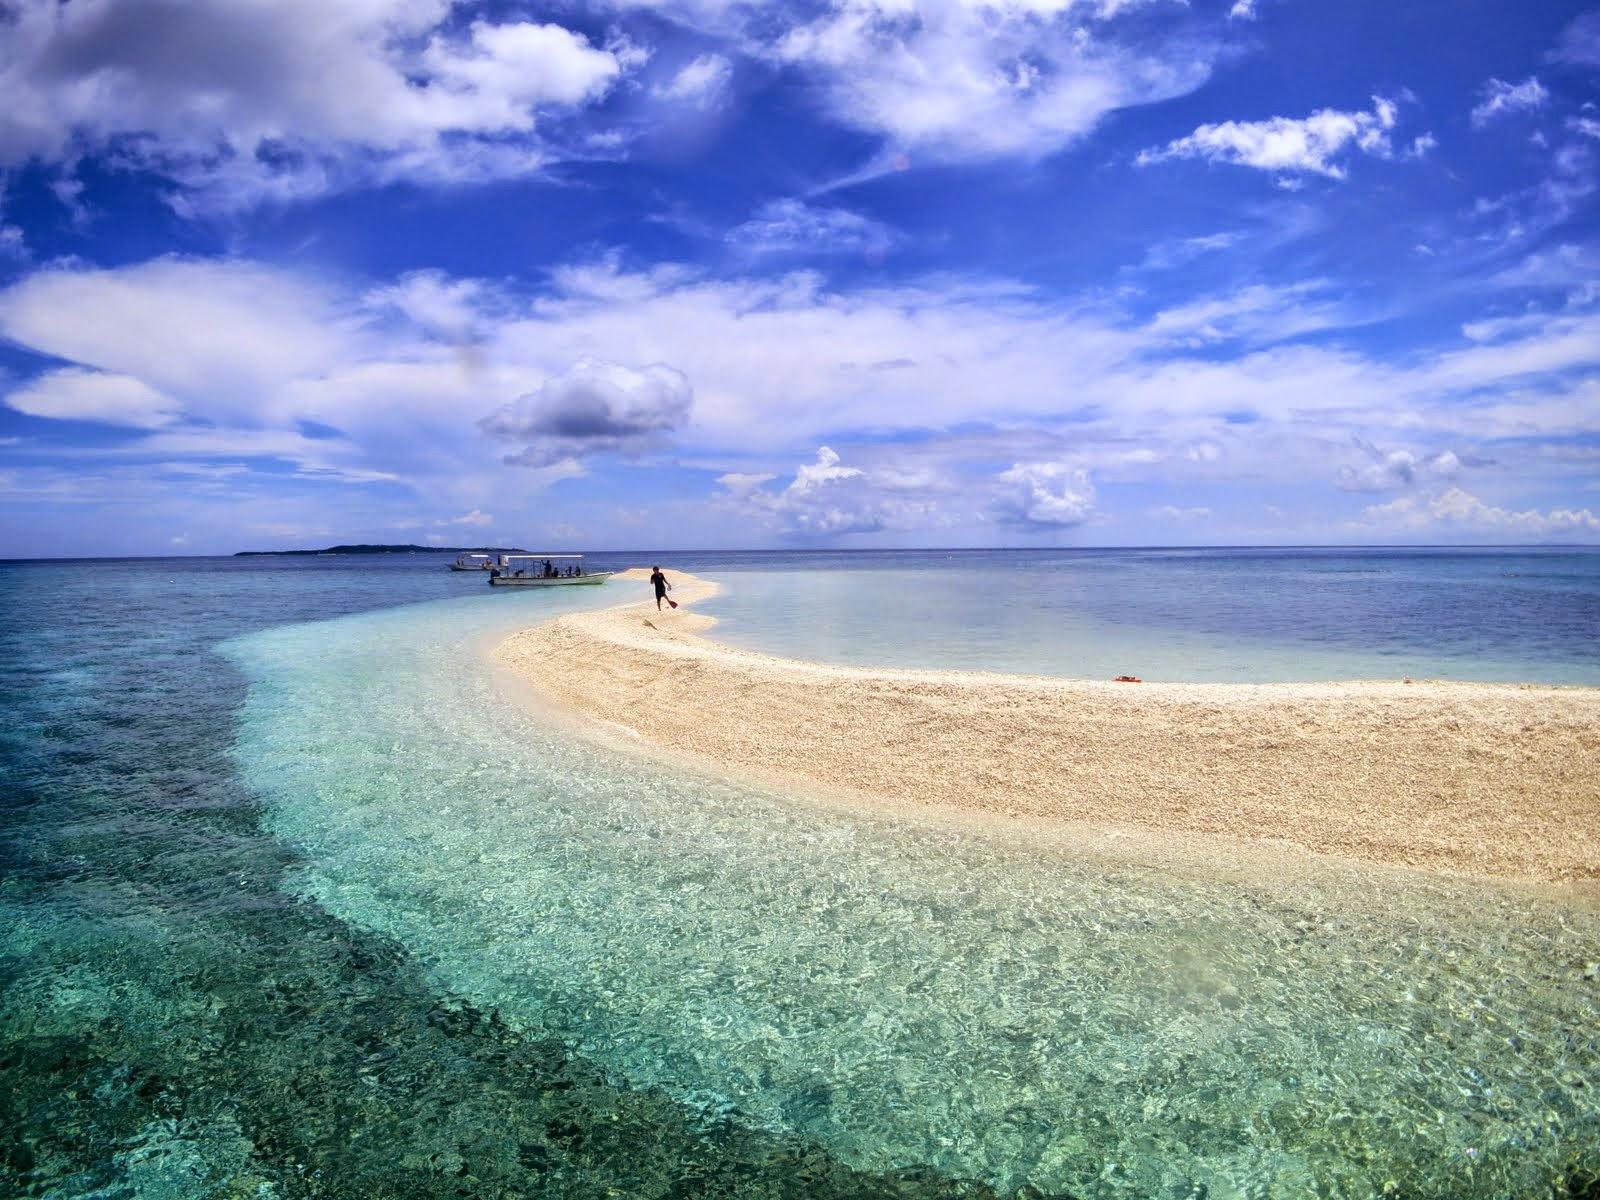 西表島付近のサンゴ礁でできた美しいバラス島と透明な海